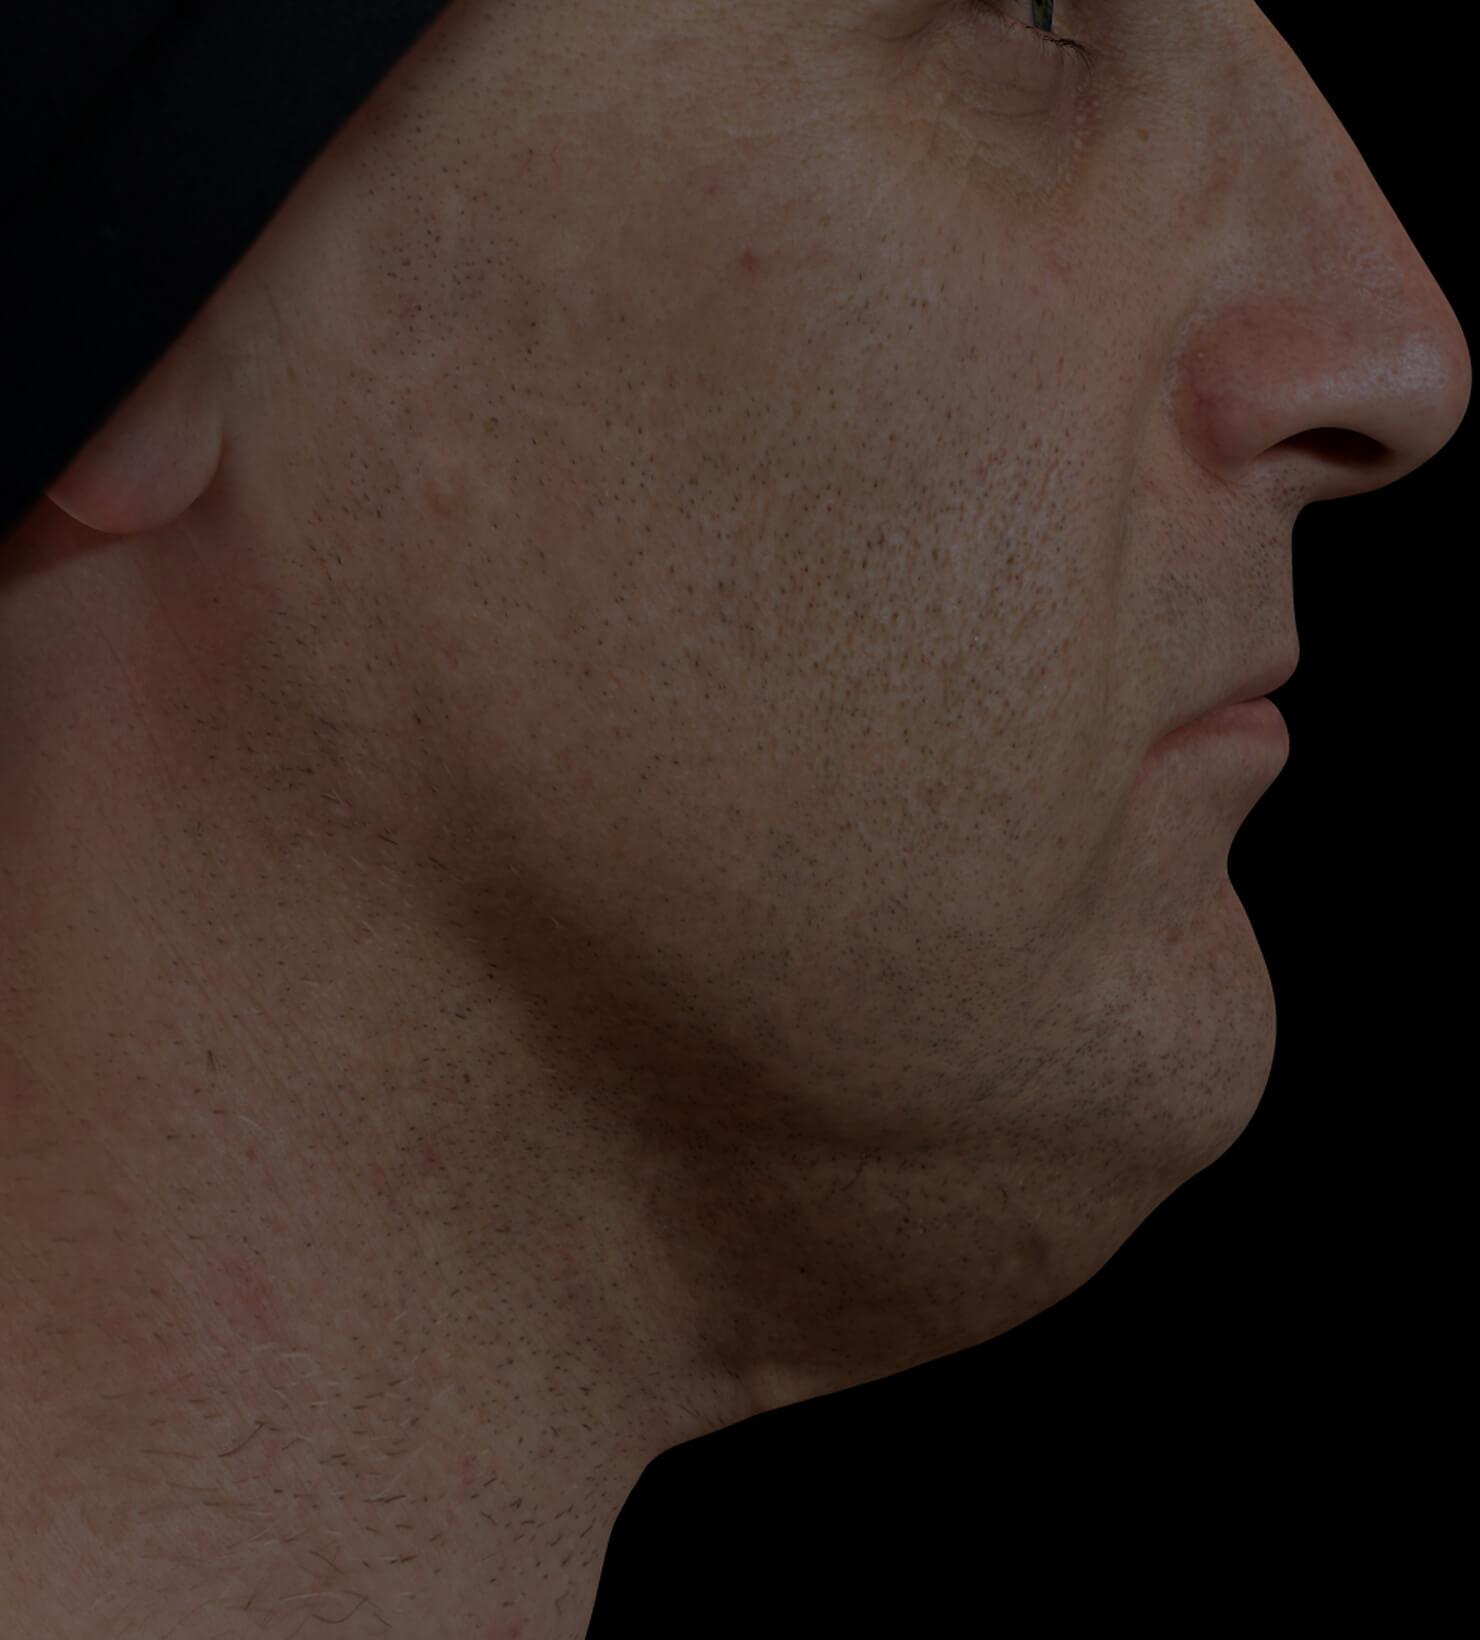 Patient de la Clinique Chloé ayant du gras sous le menton, ou double menton, traité avec des injections de Belkyra